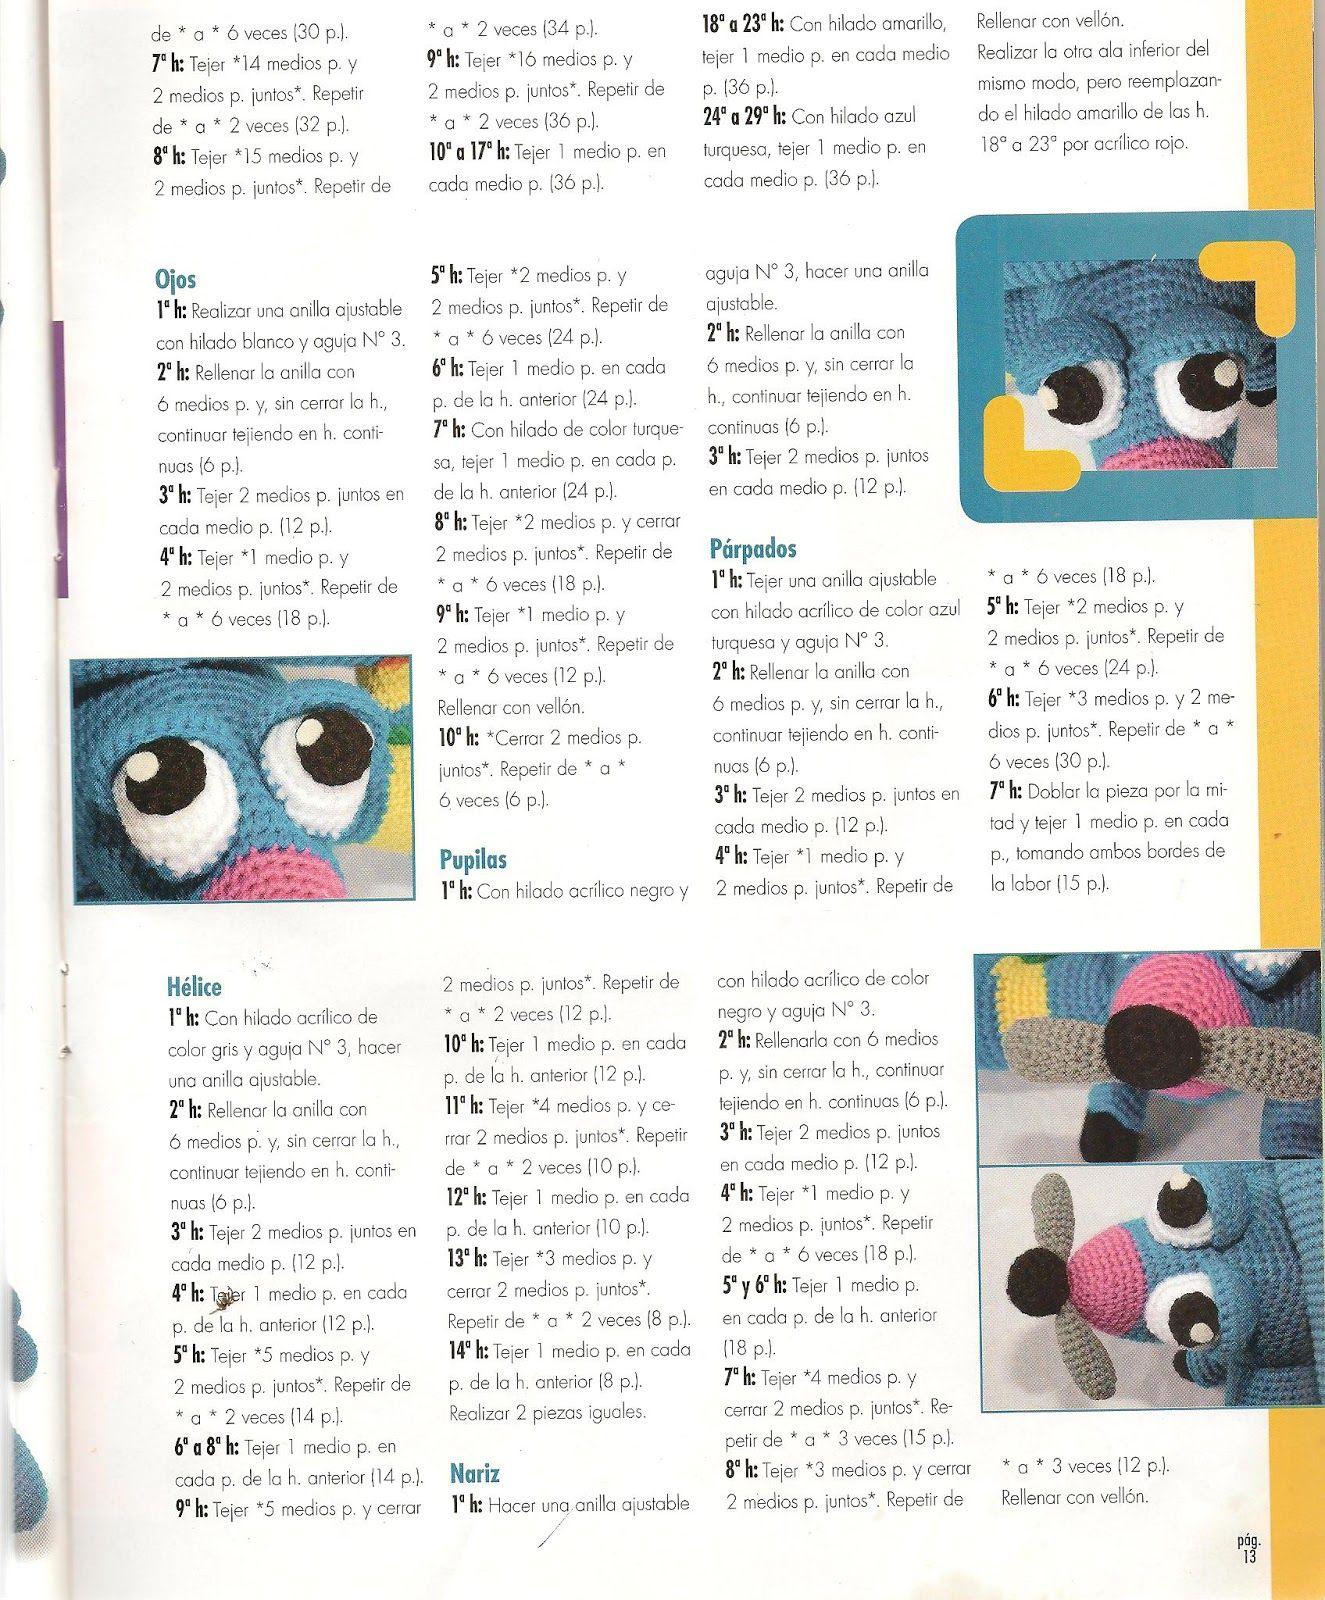 Fany Crochet: avion amigurumi | Maricel | Pinterest | Patrón gratis ...